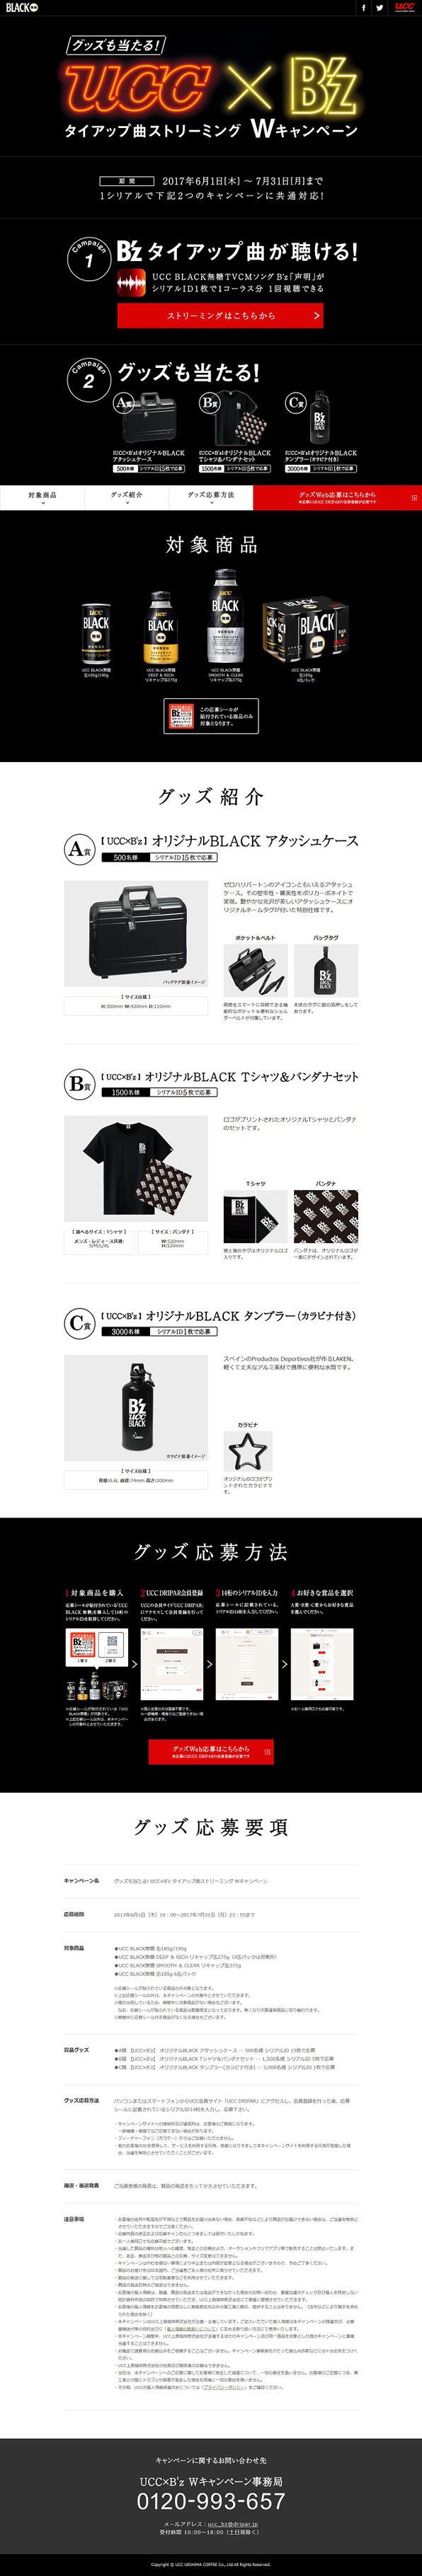 【UCC】B'z ビーズ・タイアップ曲ストリーミングキャンペーン